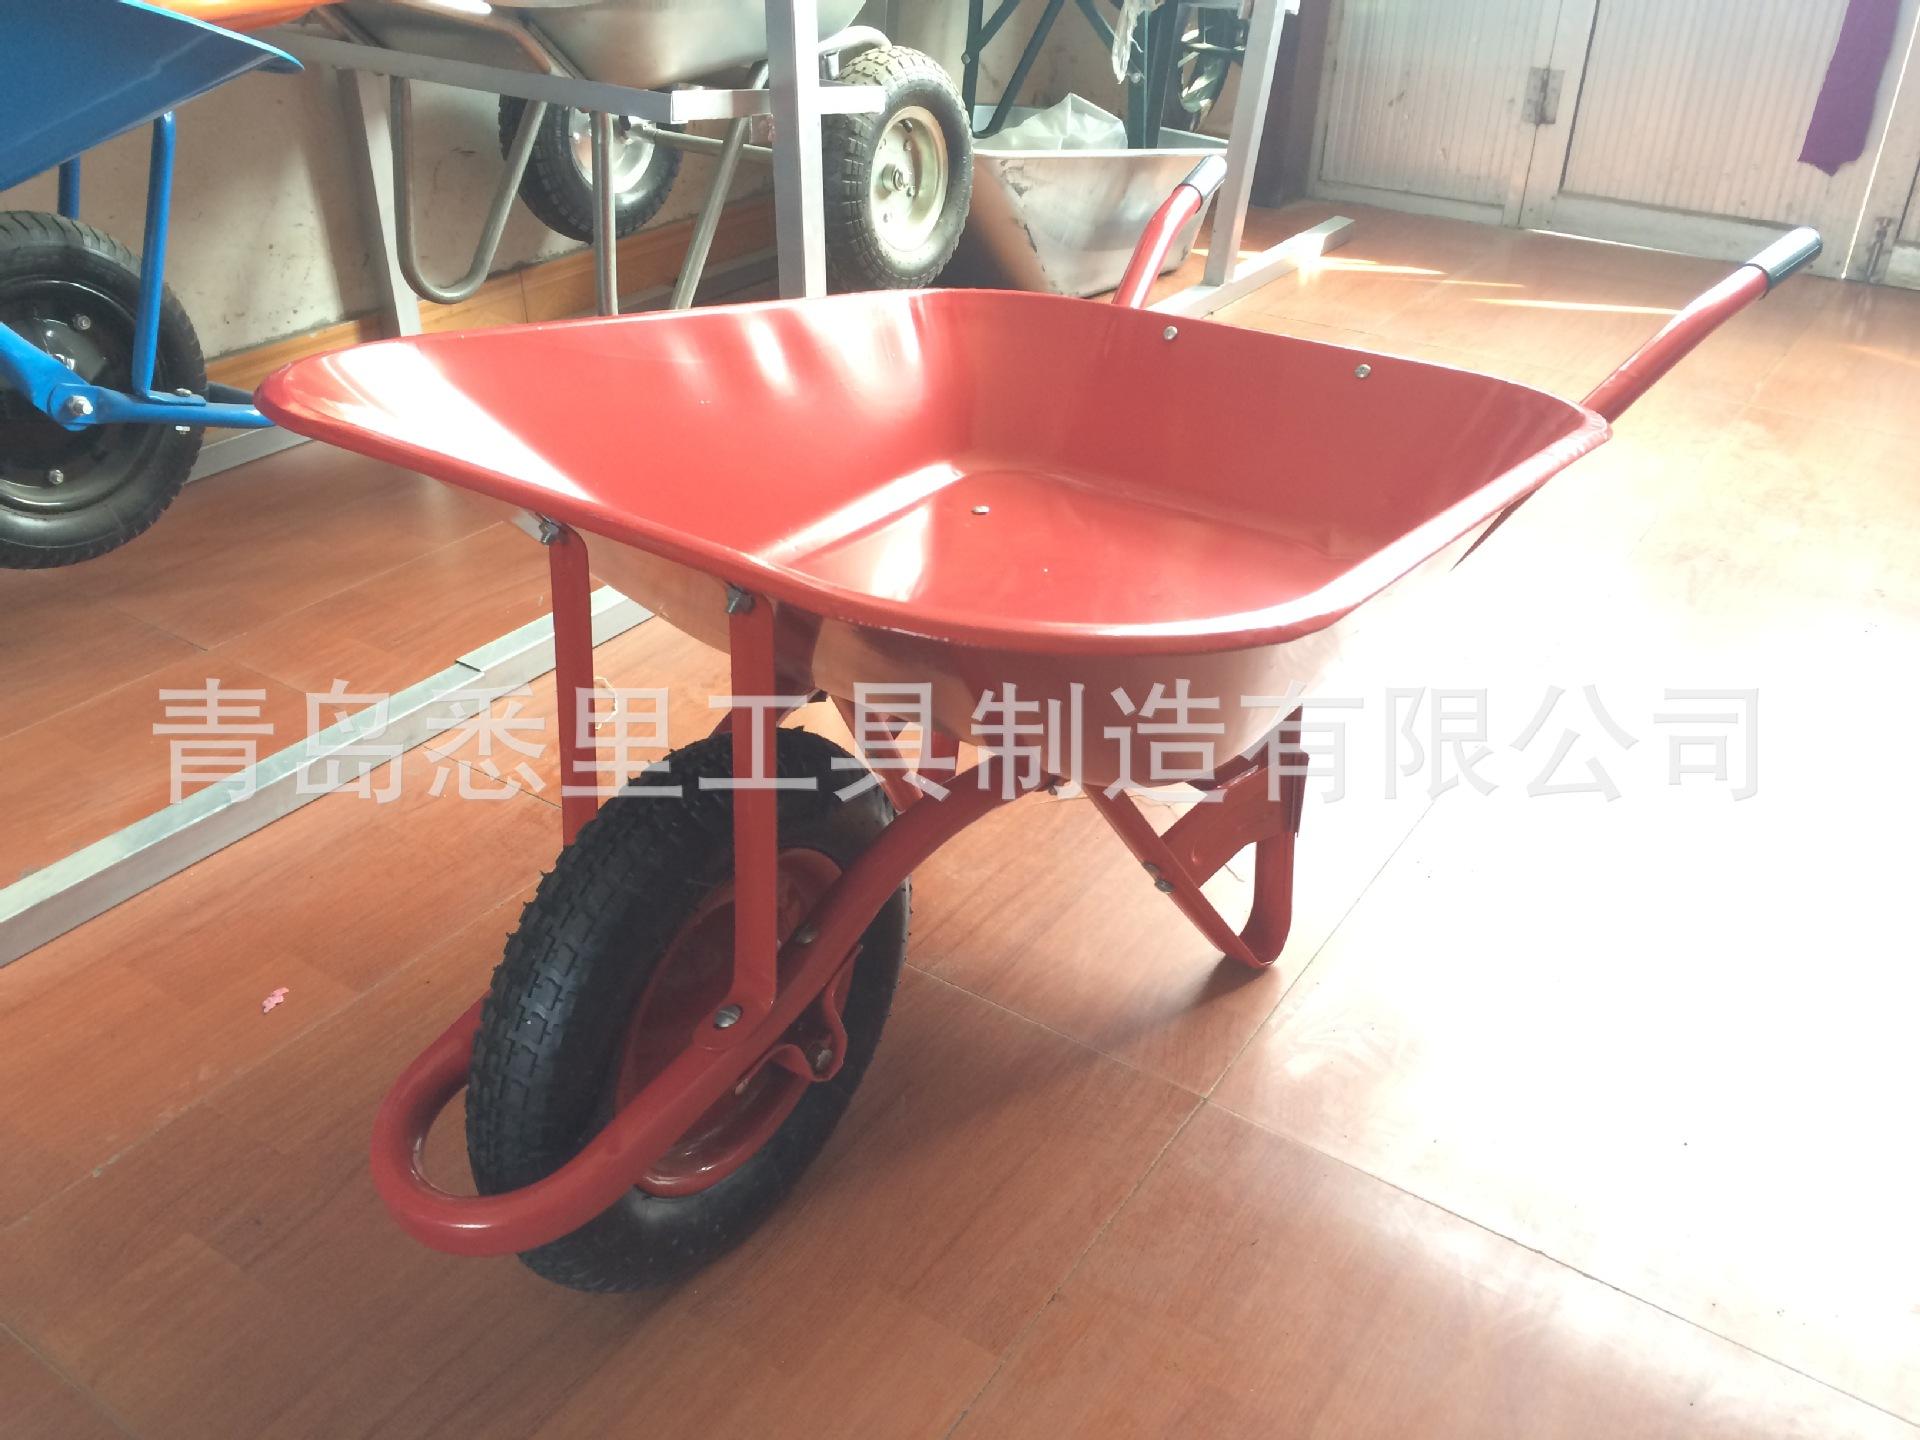 厂家供应出口印尼,马来西亚市场高品质独轮铁斗手推车WB6508